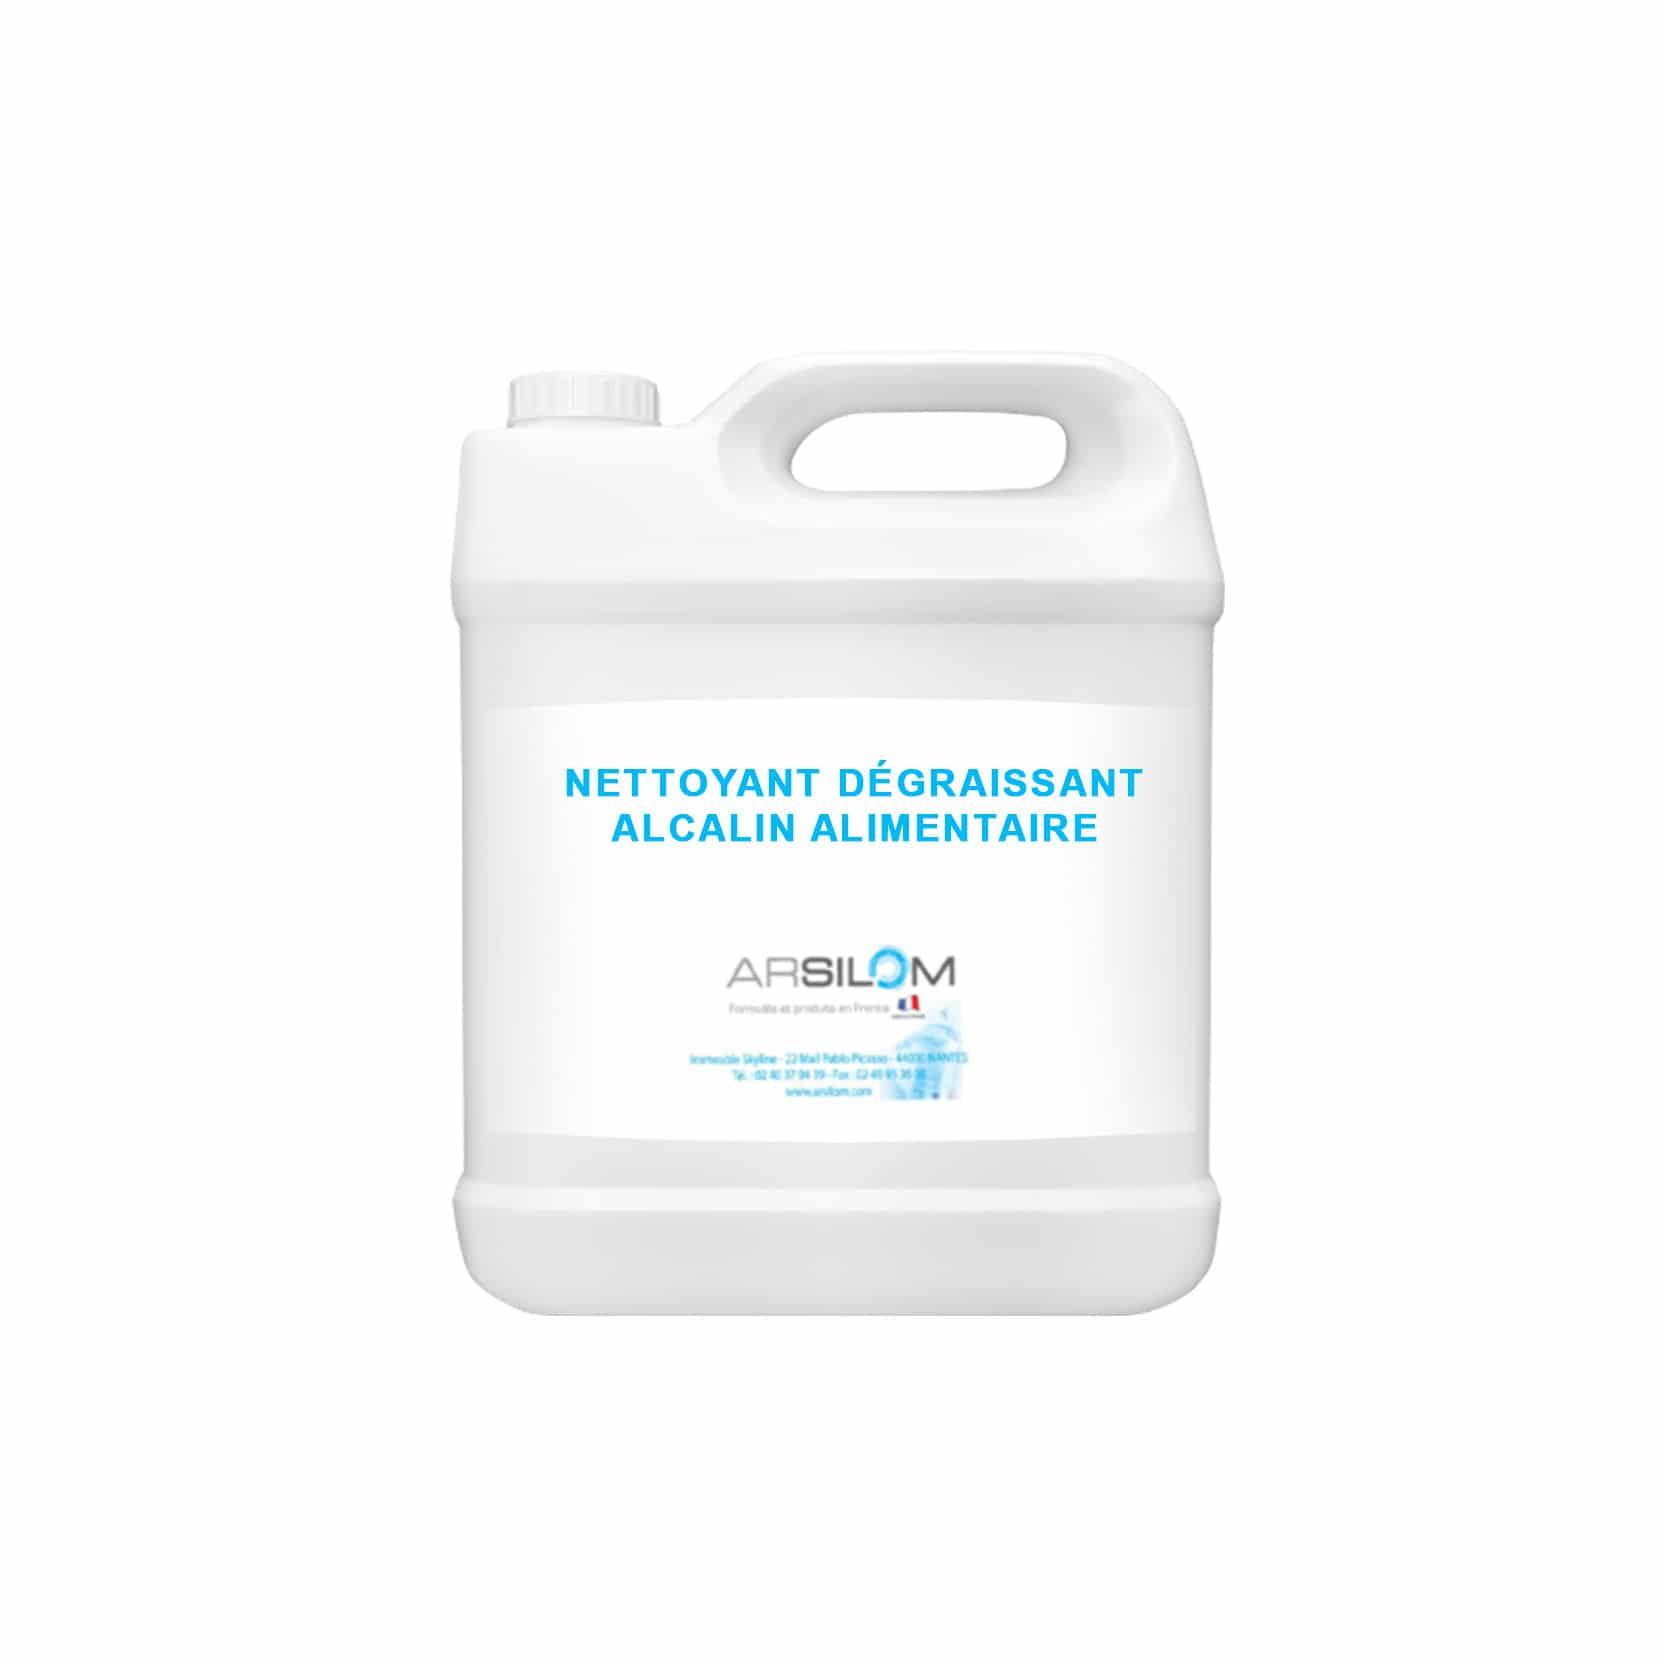 Nettoyant-dégraissant-alcalin-alimentaire-produit